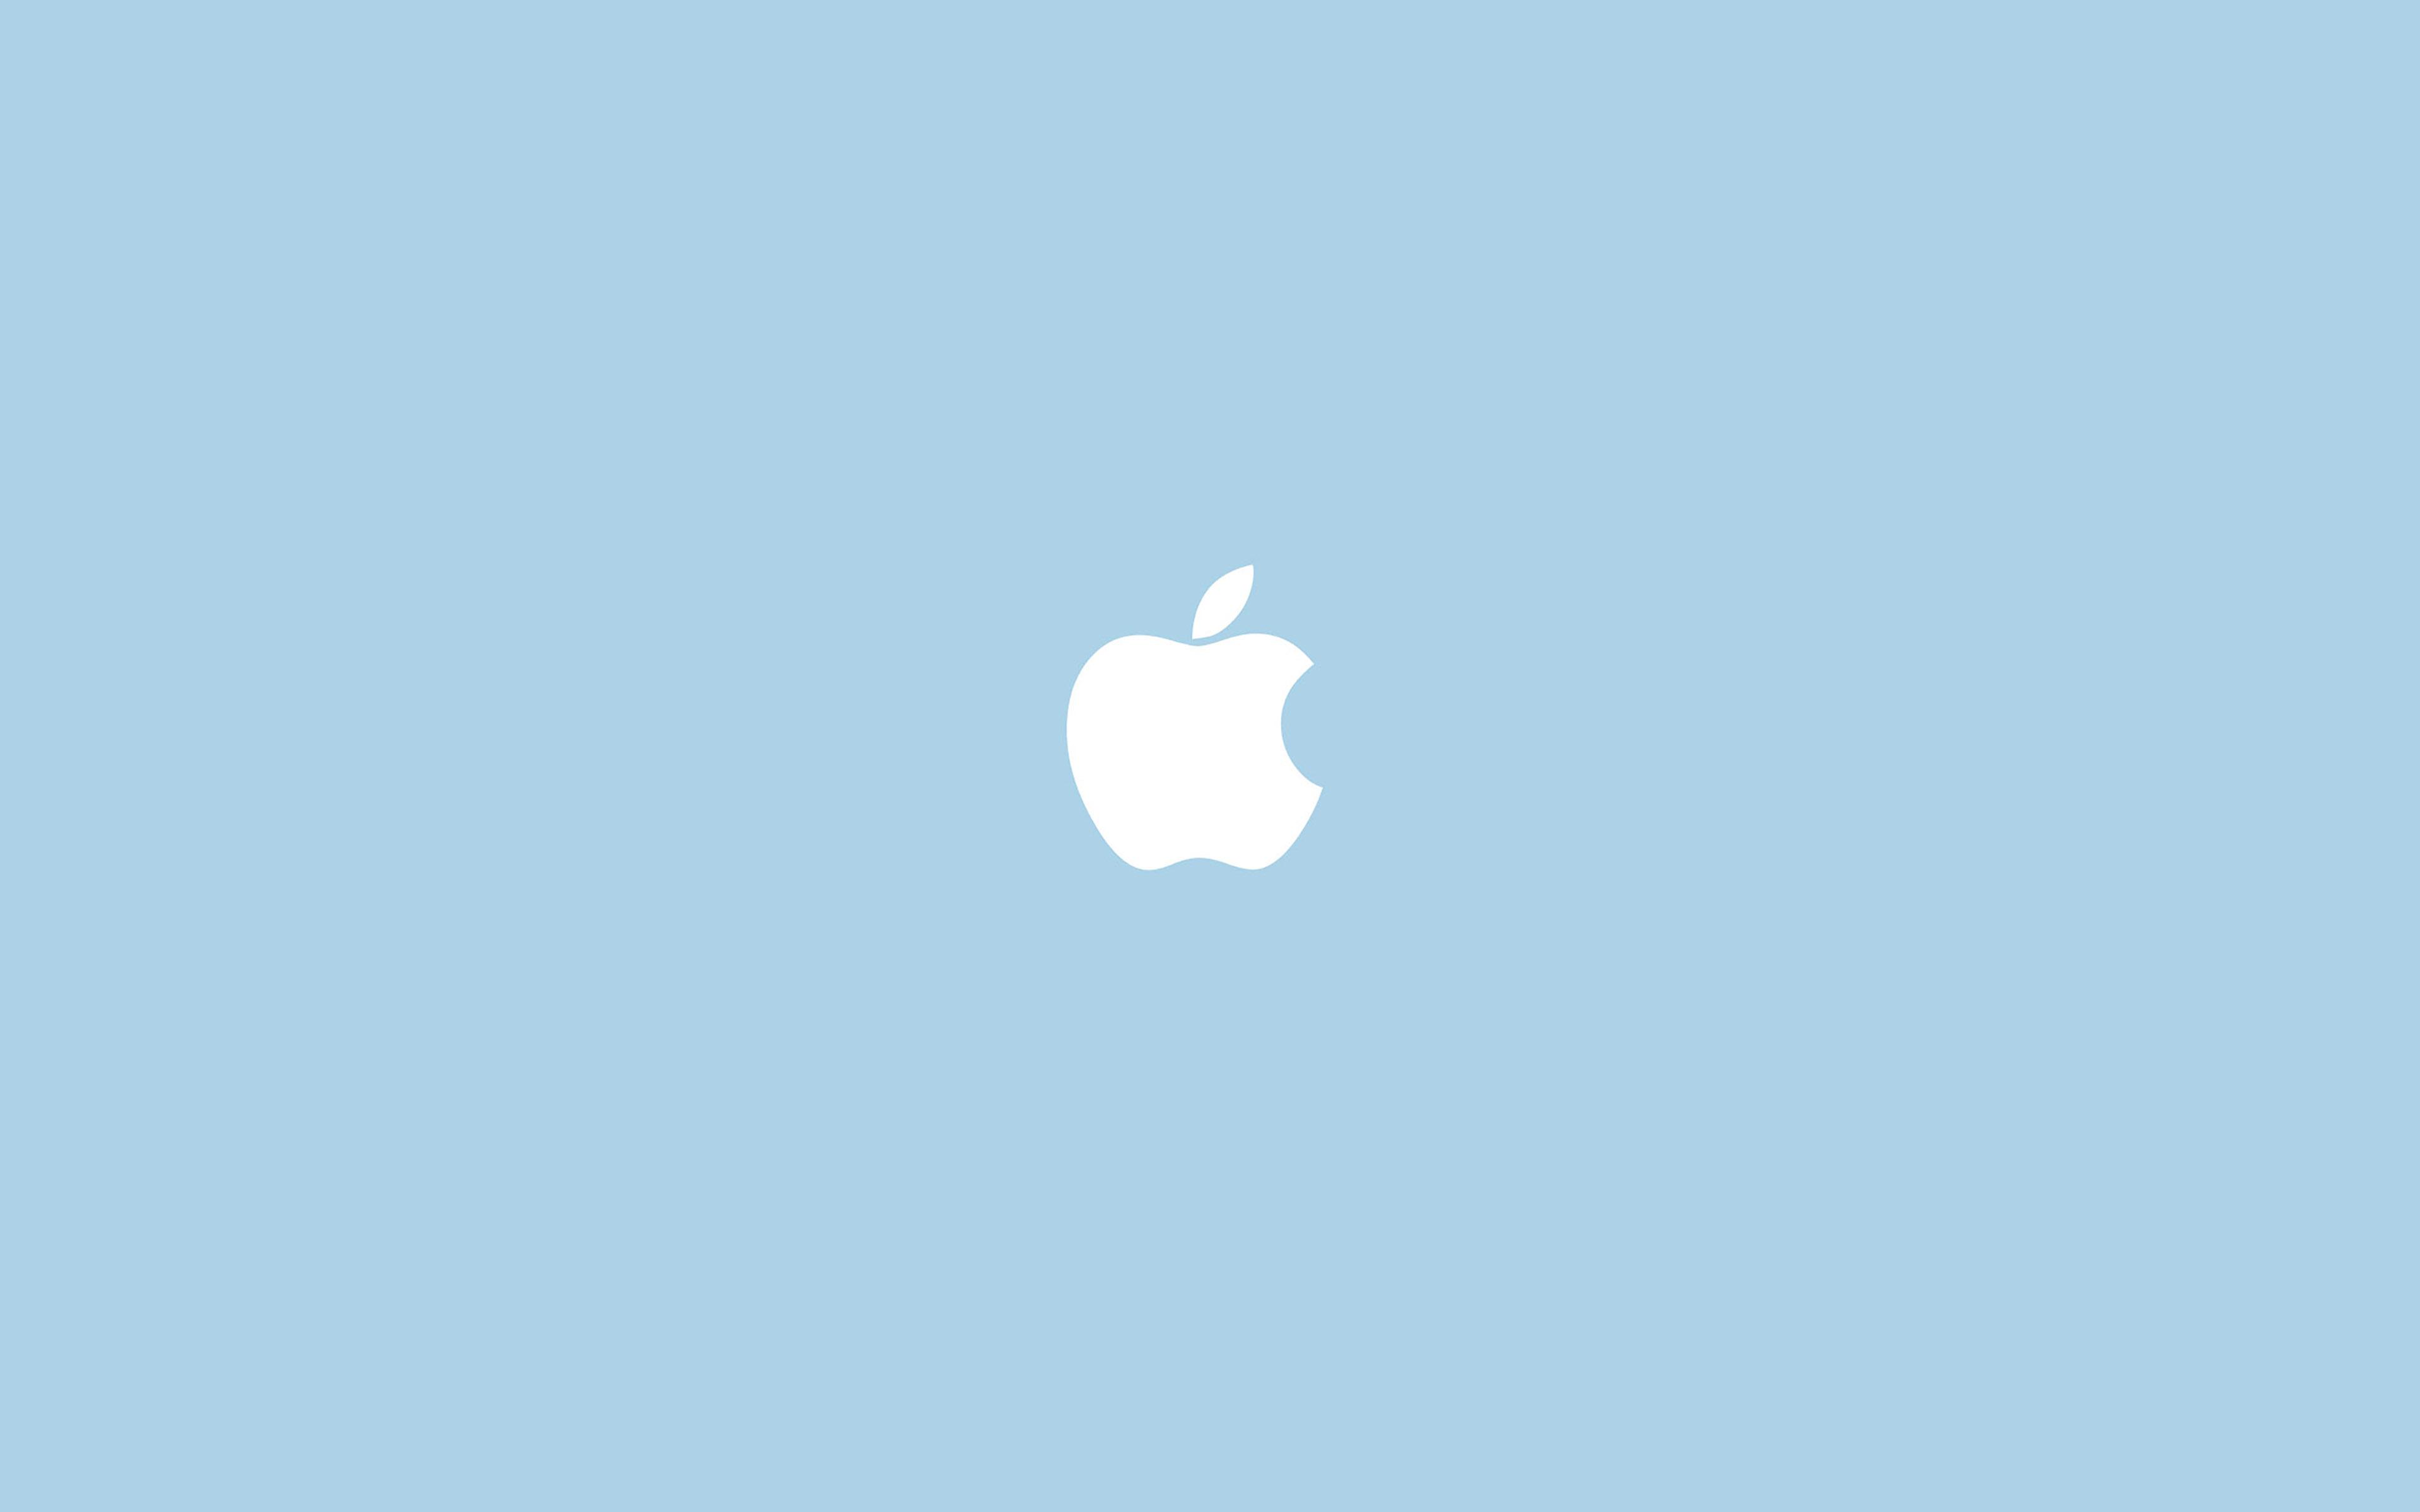 Simple Minimalist Ipad Wallpaper: Va12-apple-simple-logo-blue-minimal